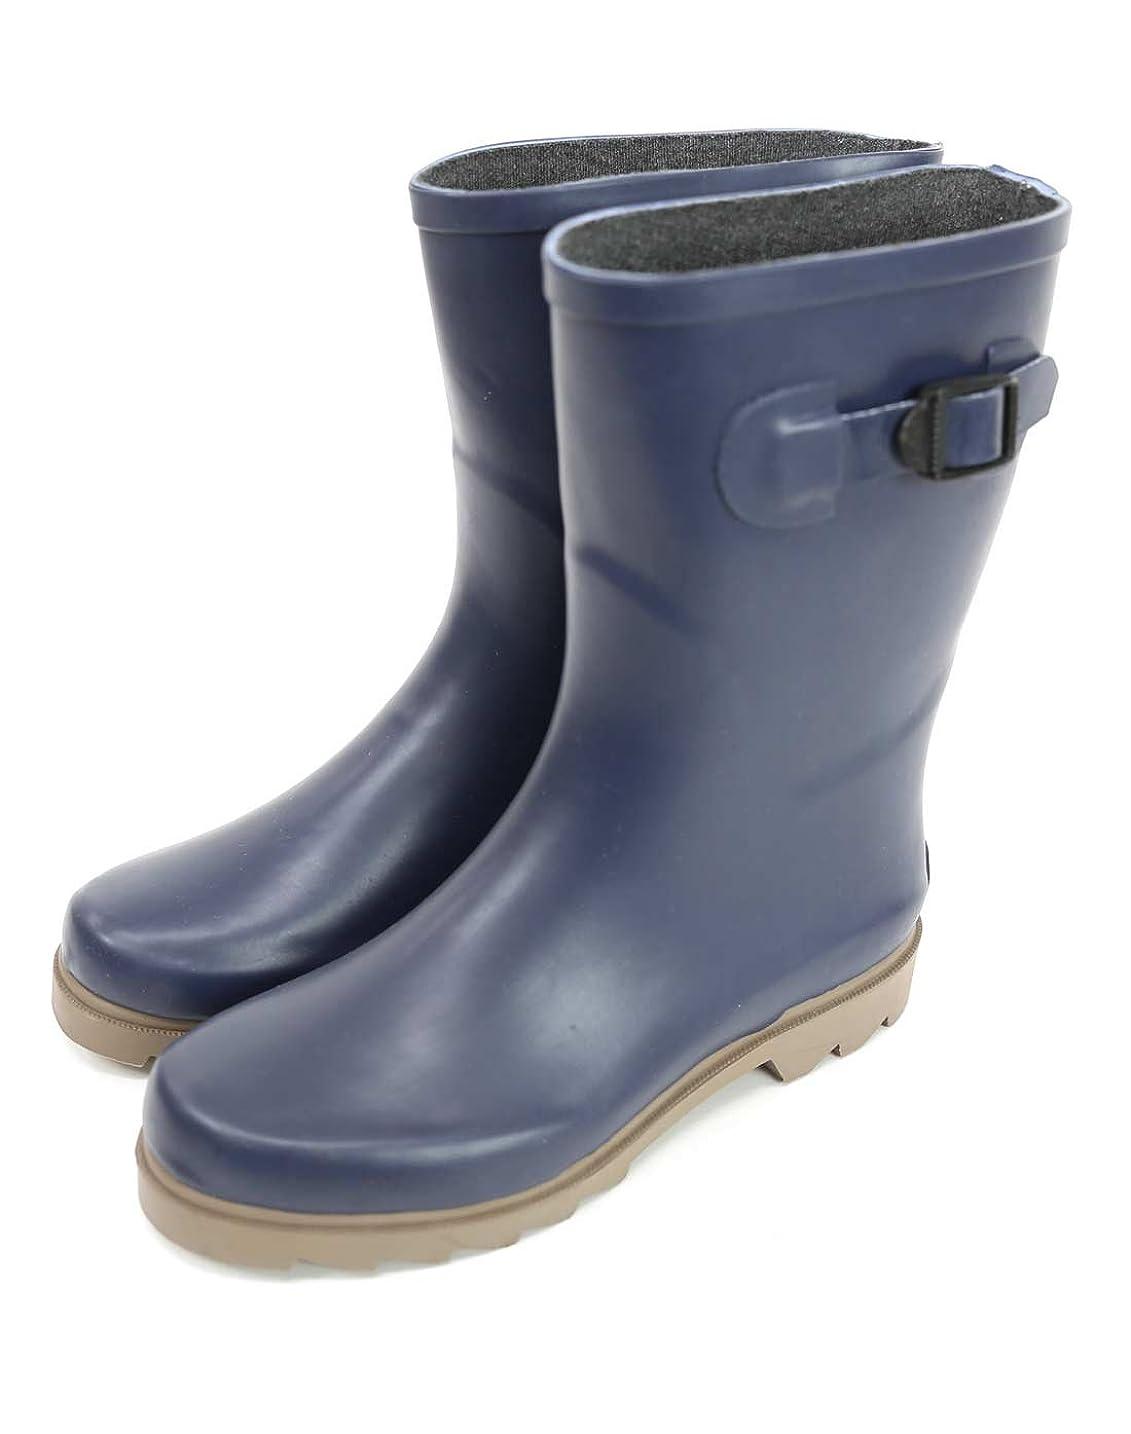 芝生傷つきやすい上に築きます[アンドイット] ベルトデザイン ミドル レインブーツ 雨用 レディース 長靴